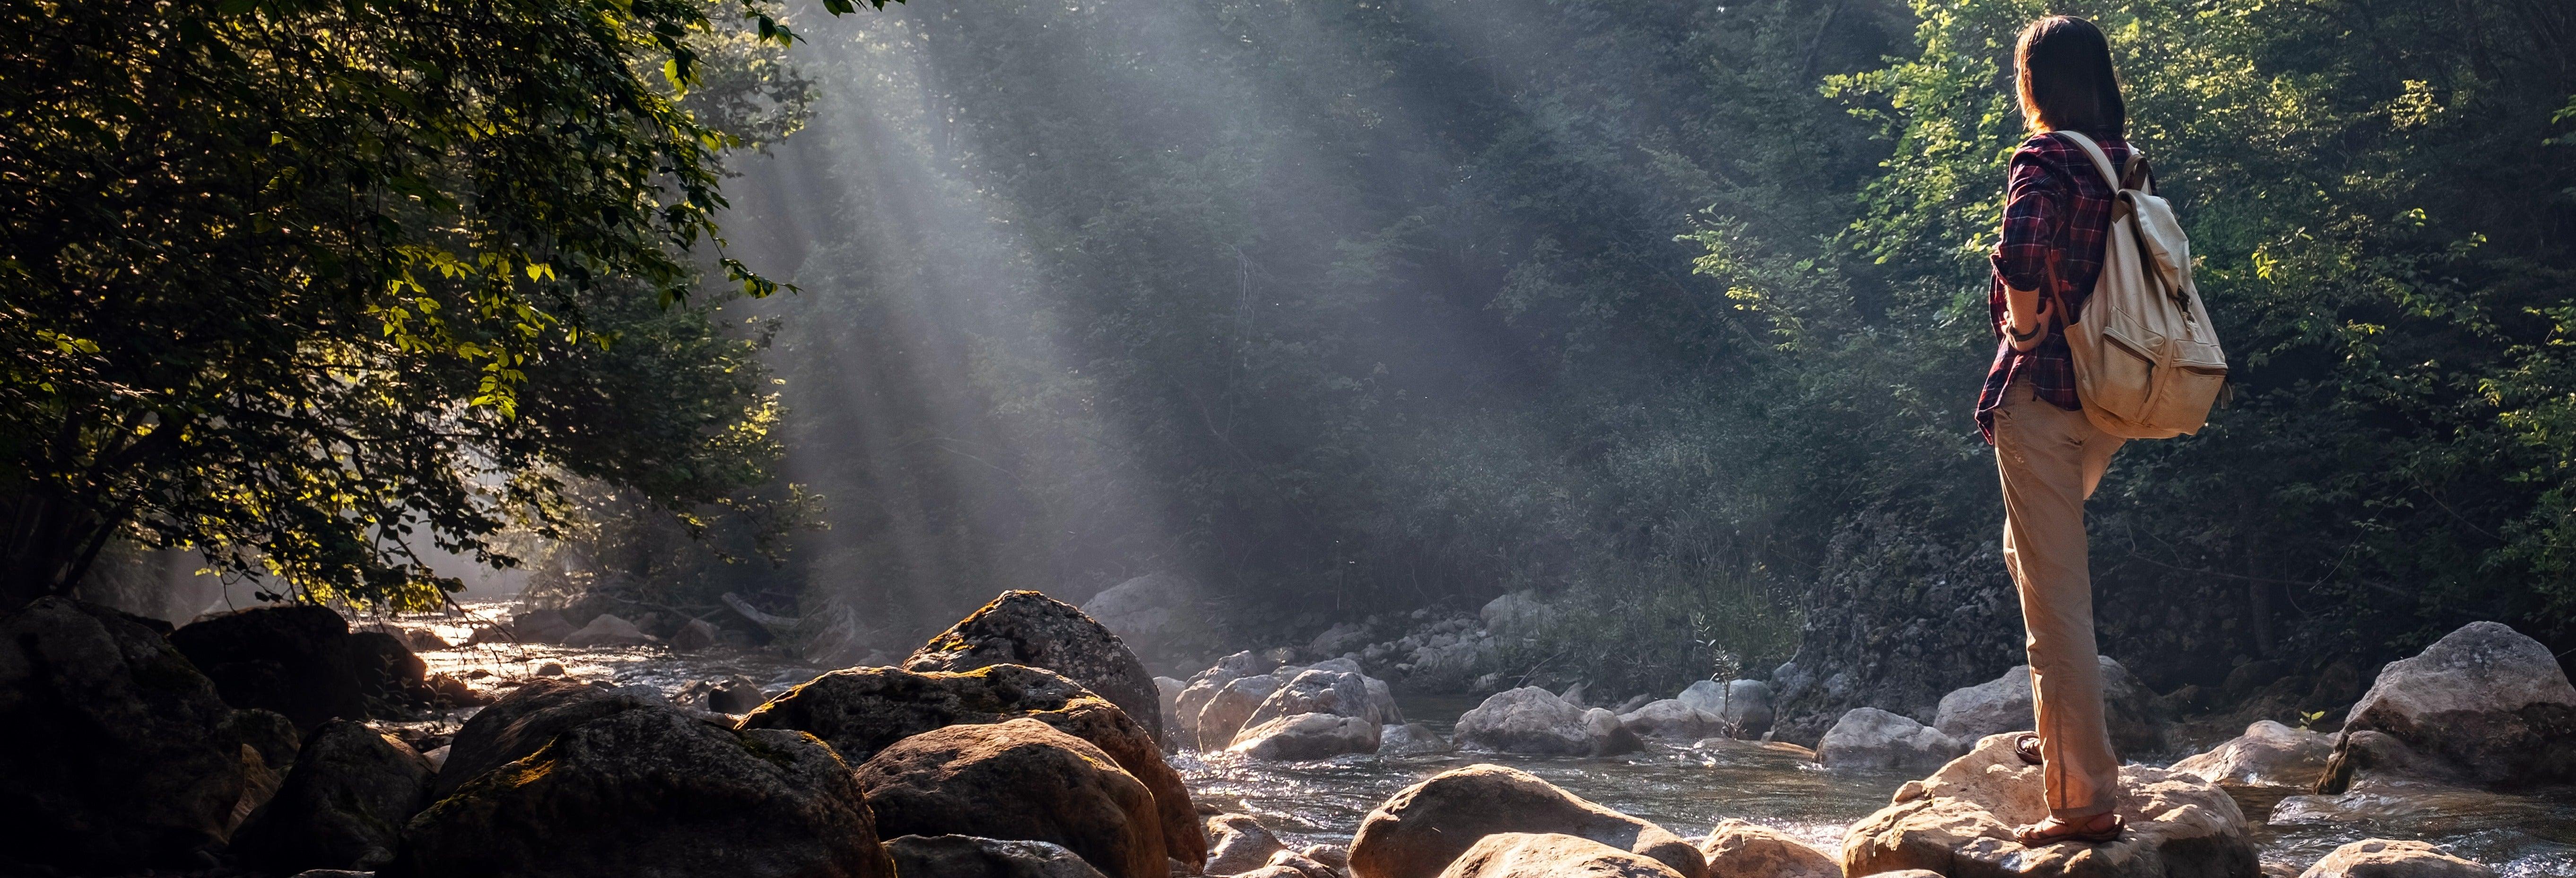 Excursión al Bosque de Piedra y Parque Nacional de Chiloé